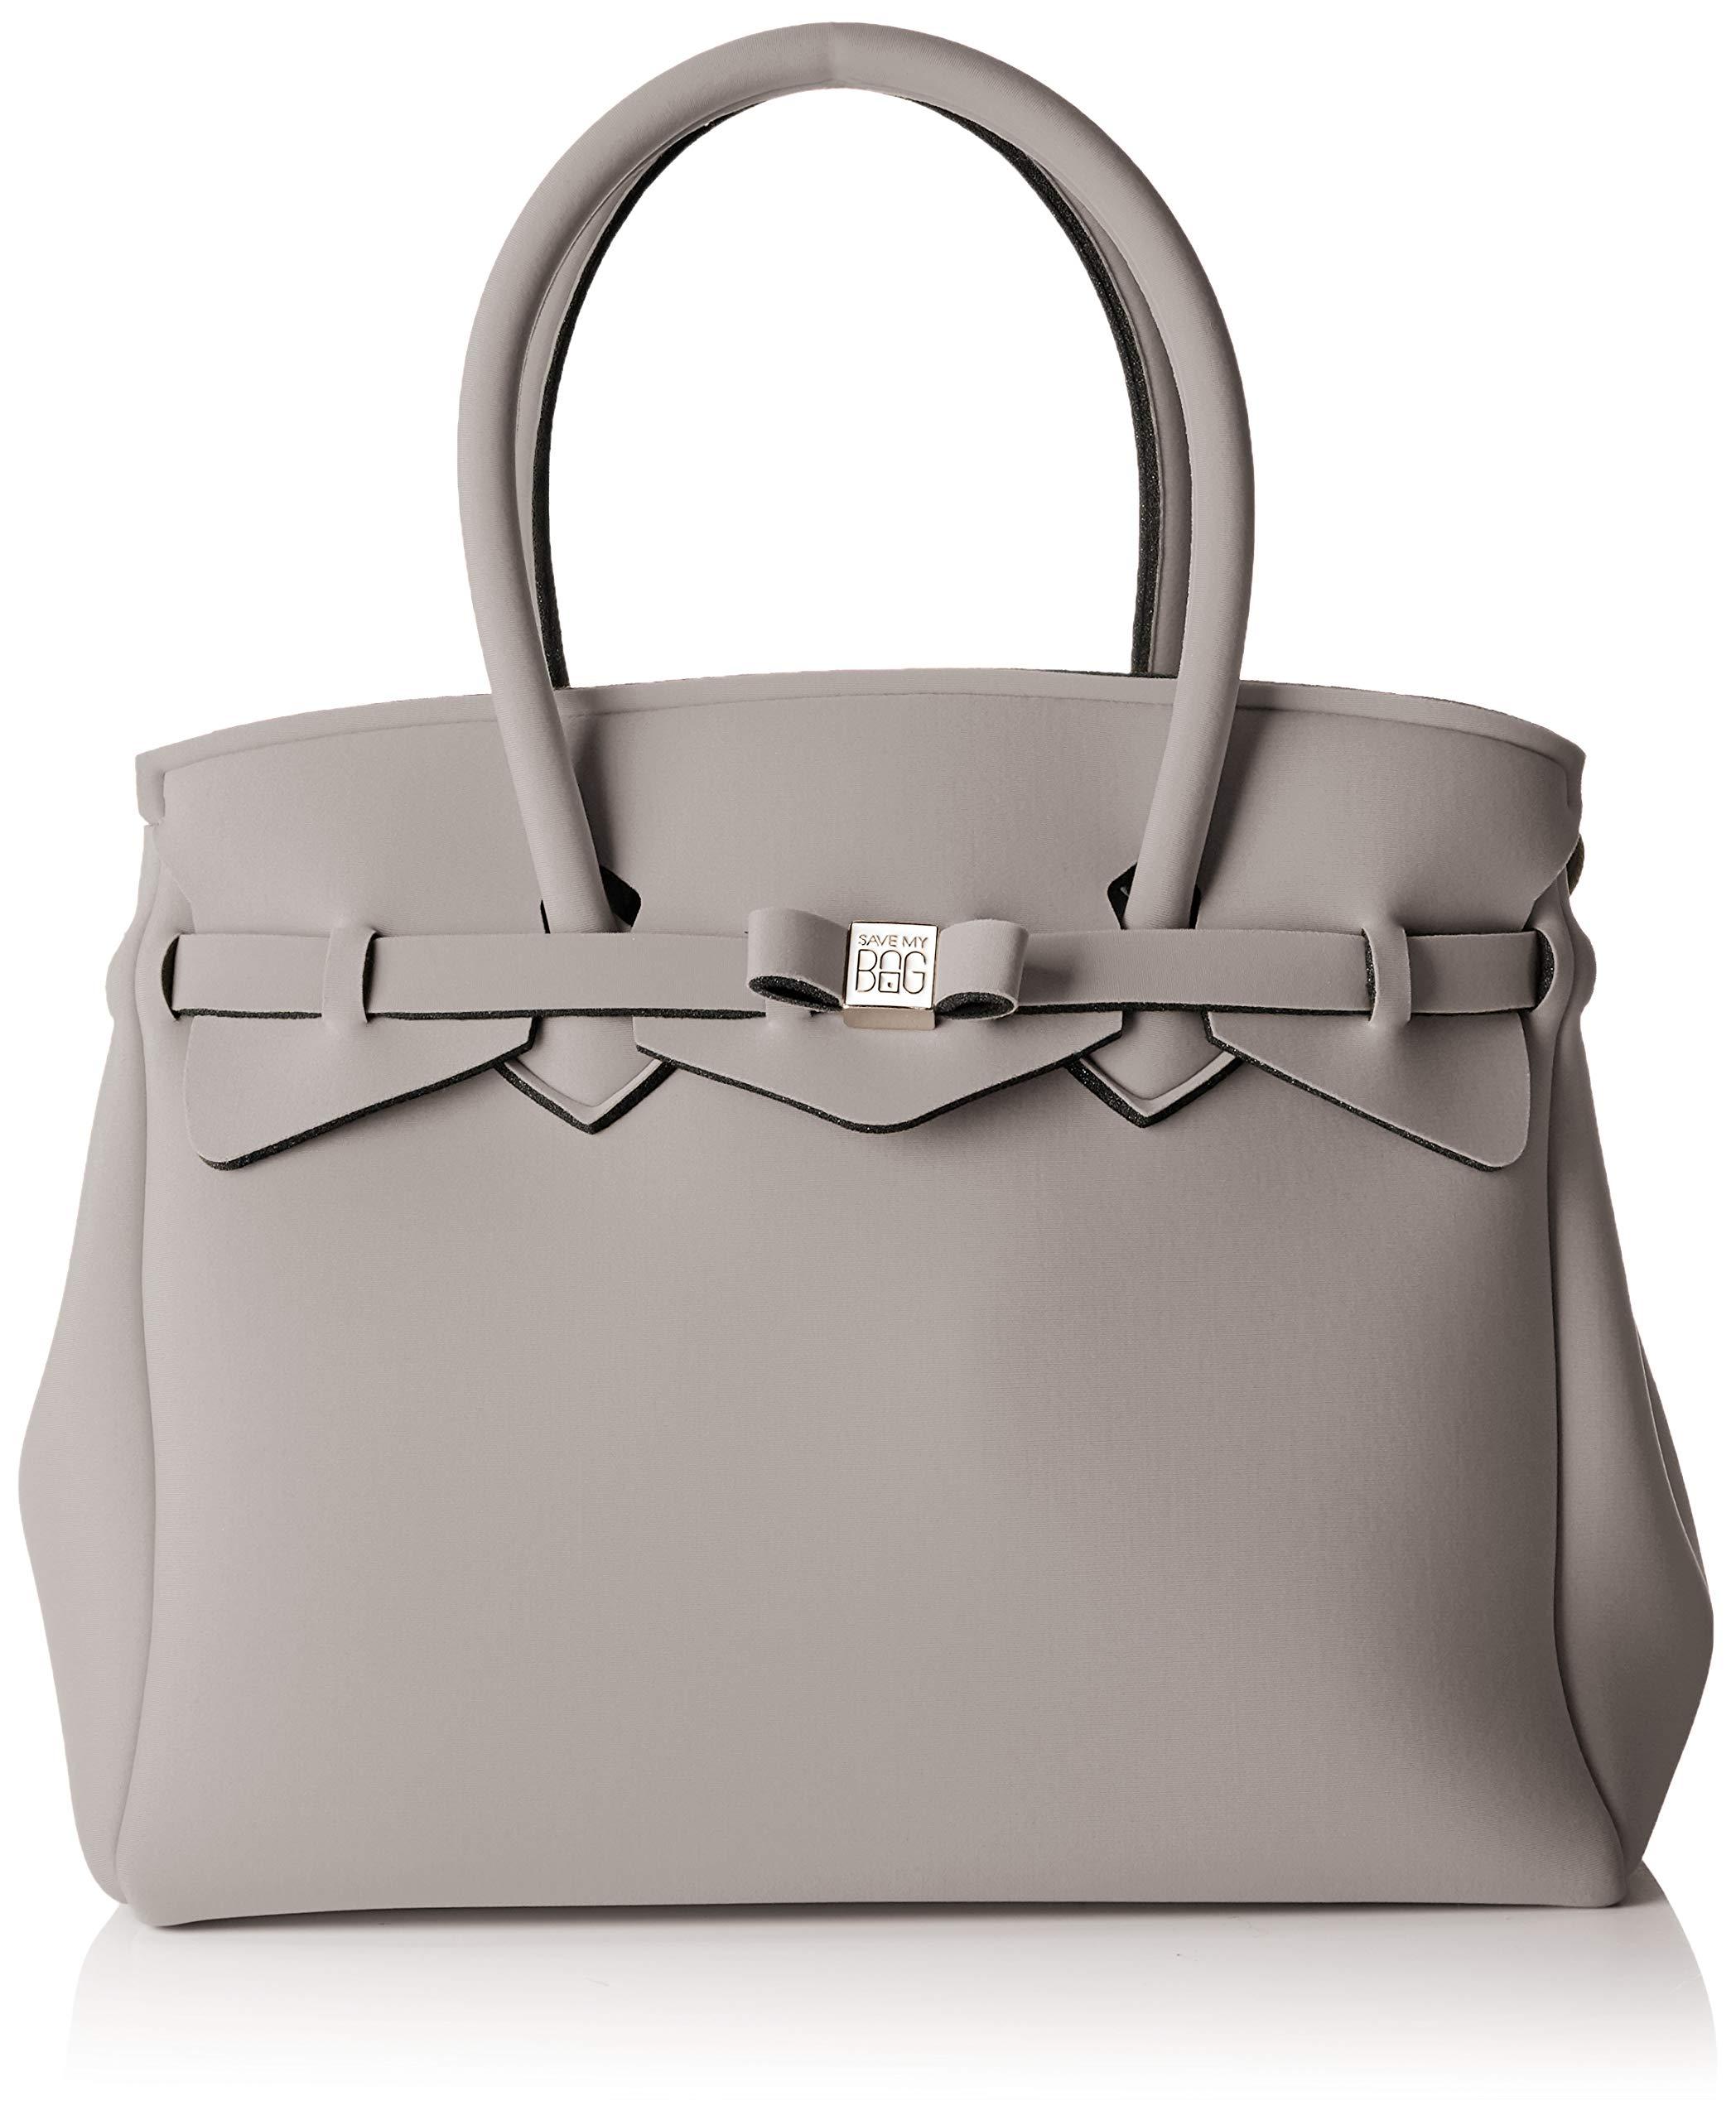 H Bag FemmeGristurtle My 20204nSac Bandoulière Trt34x29x18 X Save LEu Cmw f7gv6myYIb